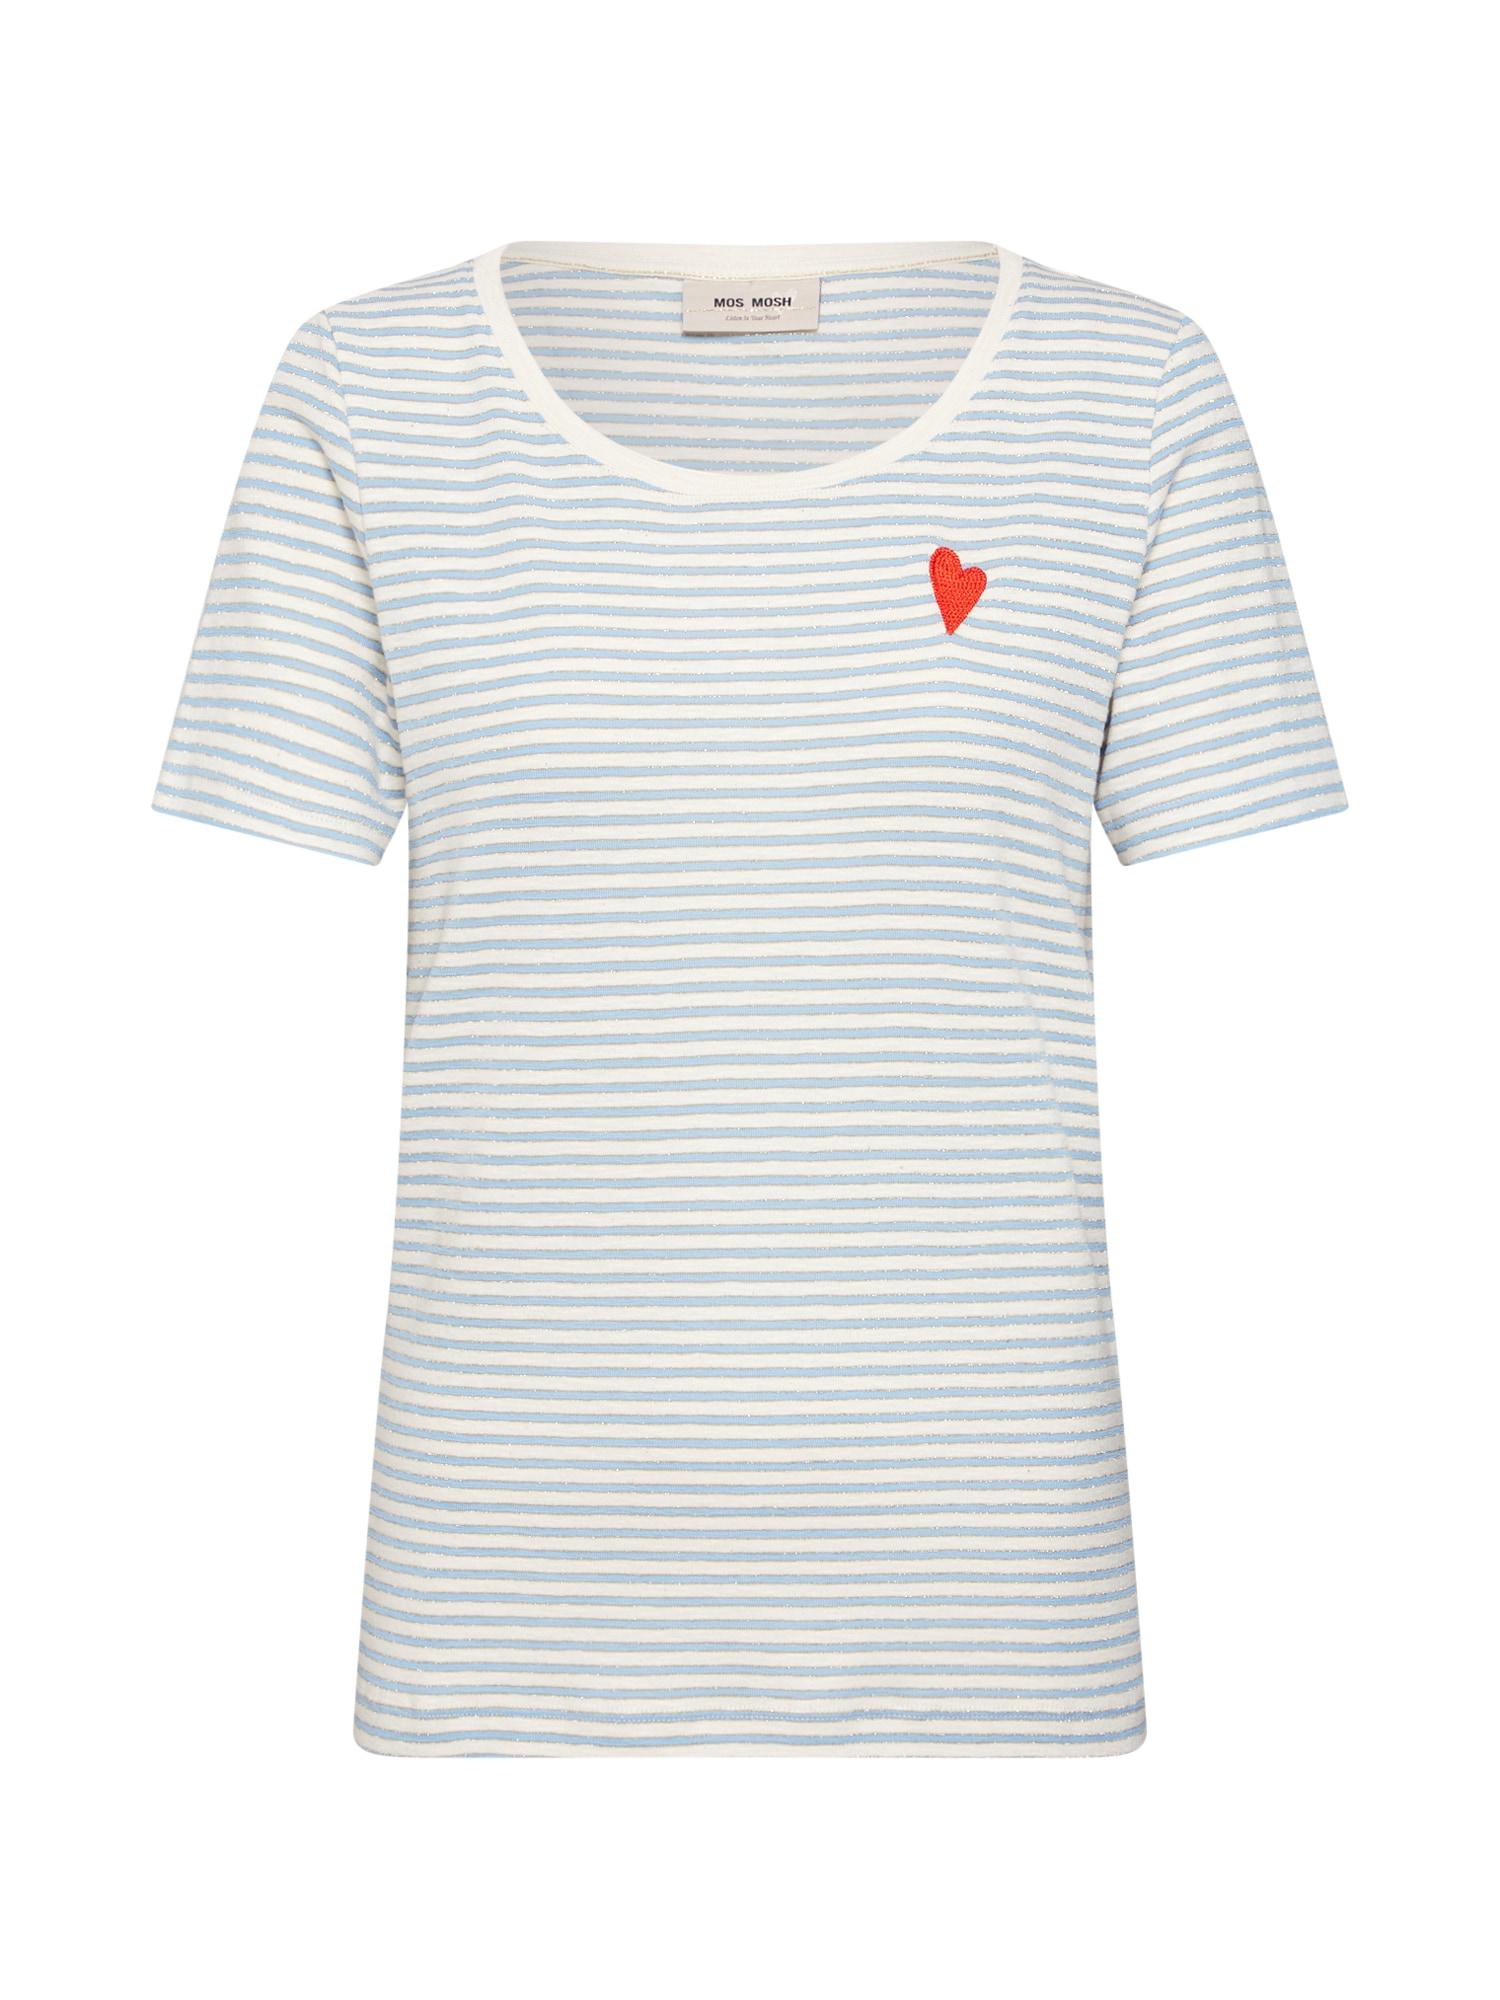 Tričko Kenia Stripe O-neck krémová světlemodrá červená MOS MOSH